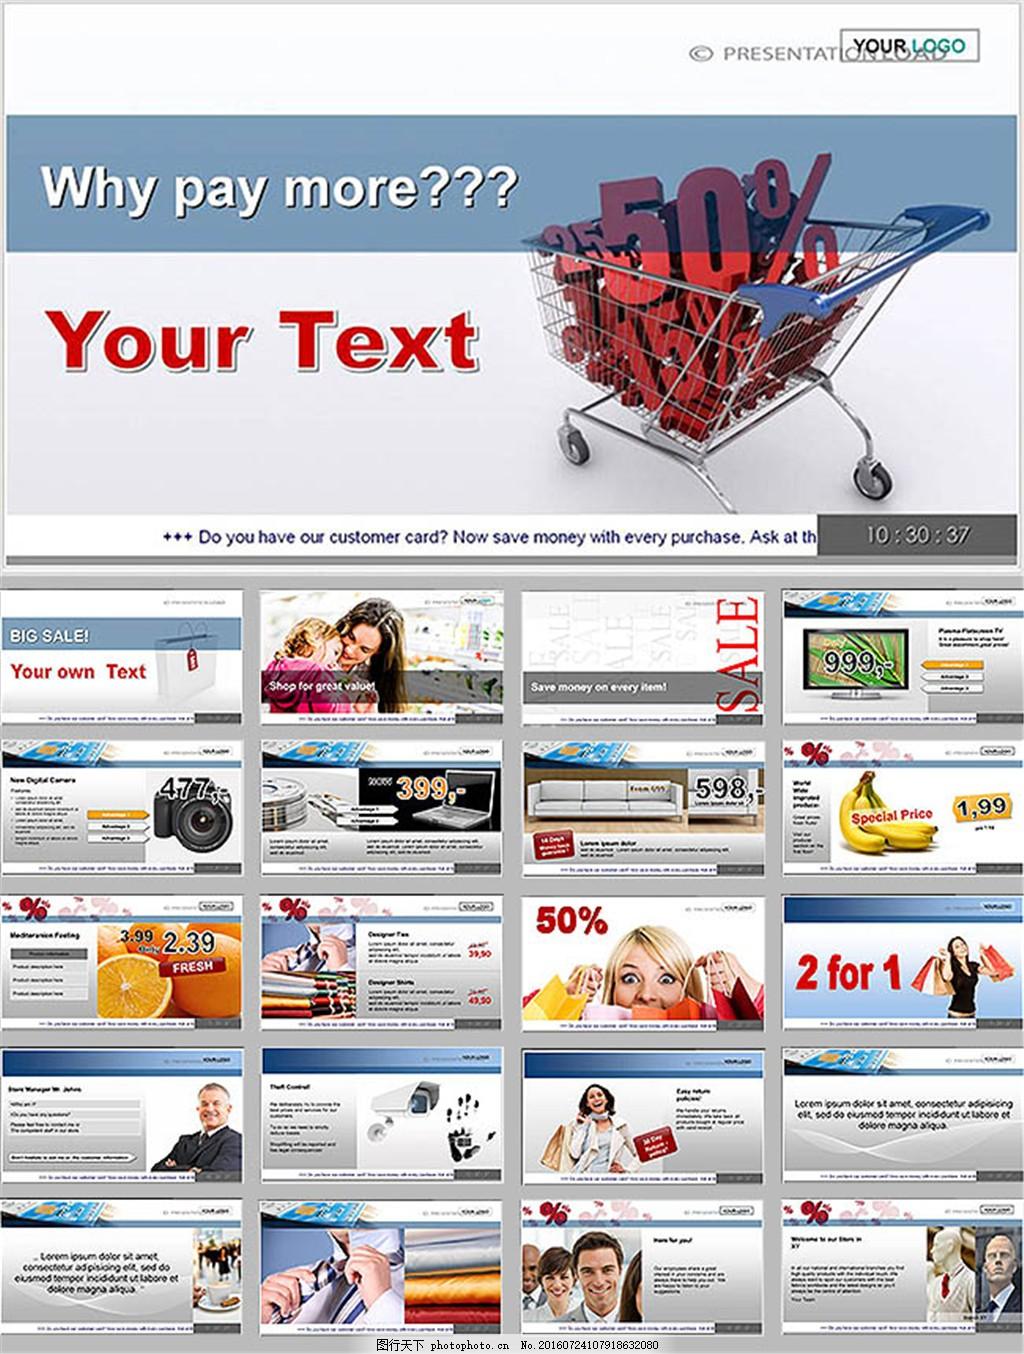 国外商品零售业ppt模板 零售ppt模板下载免费下载 ppt素材 vip 管理